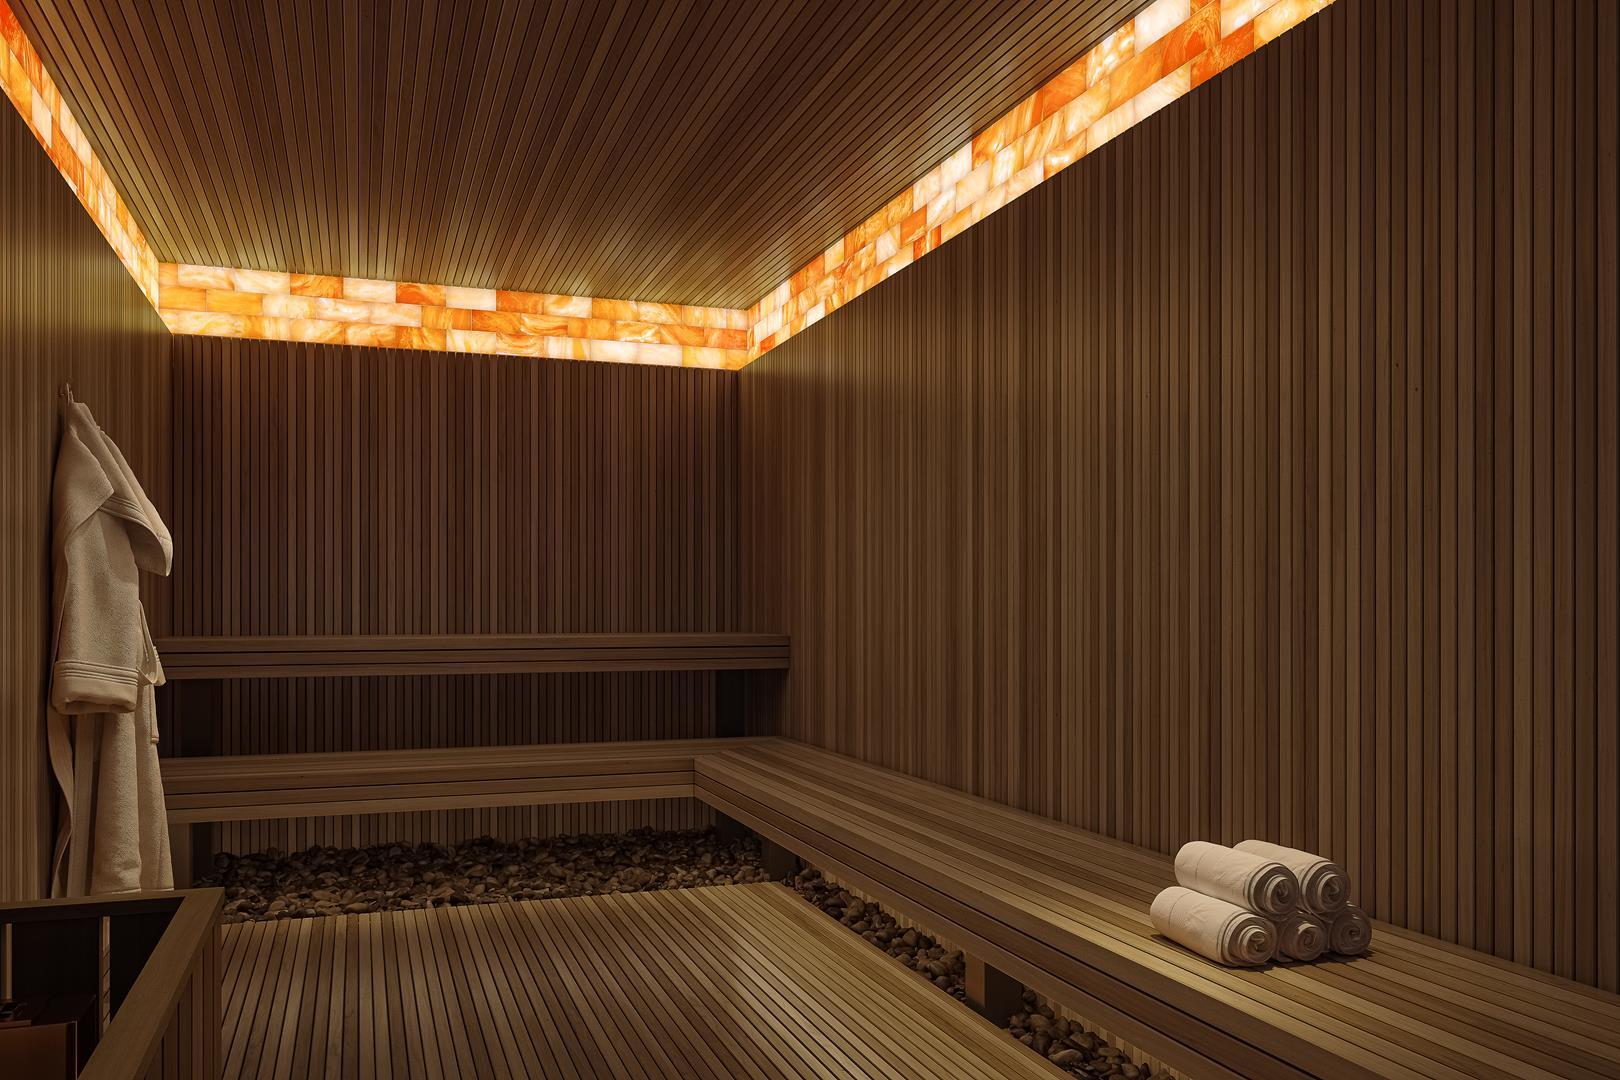 Sauna seca com haloterapia